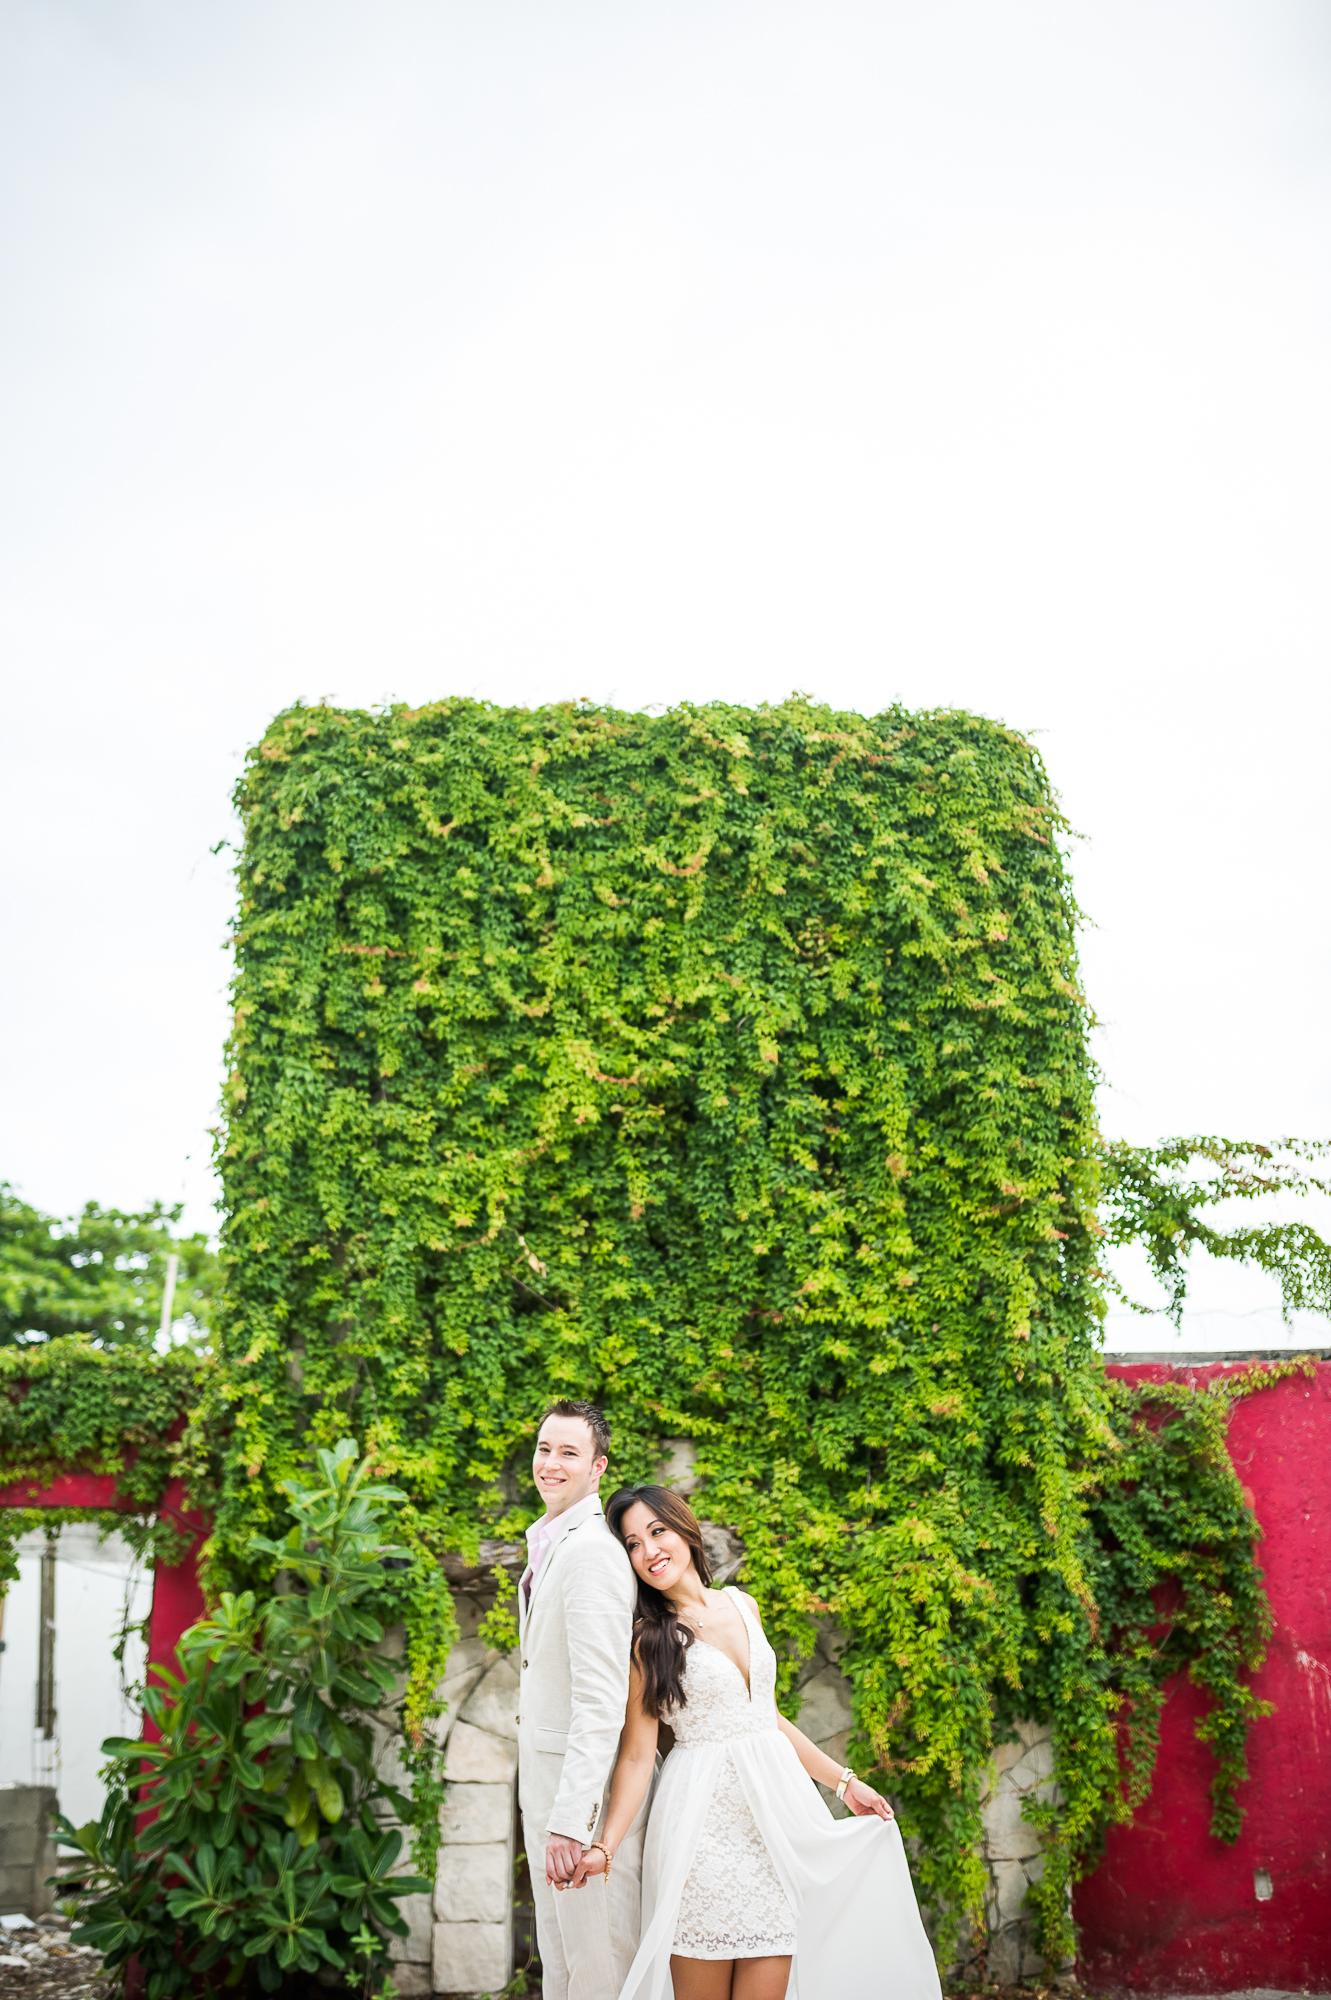 54-David Loi Studios - Cancun Mexico Engagement Session - Destination Engagement Session-25041.jpg